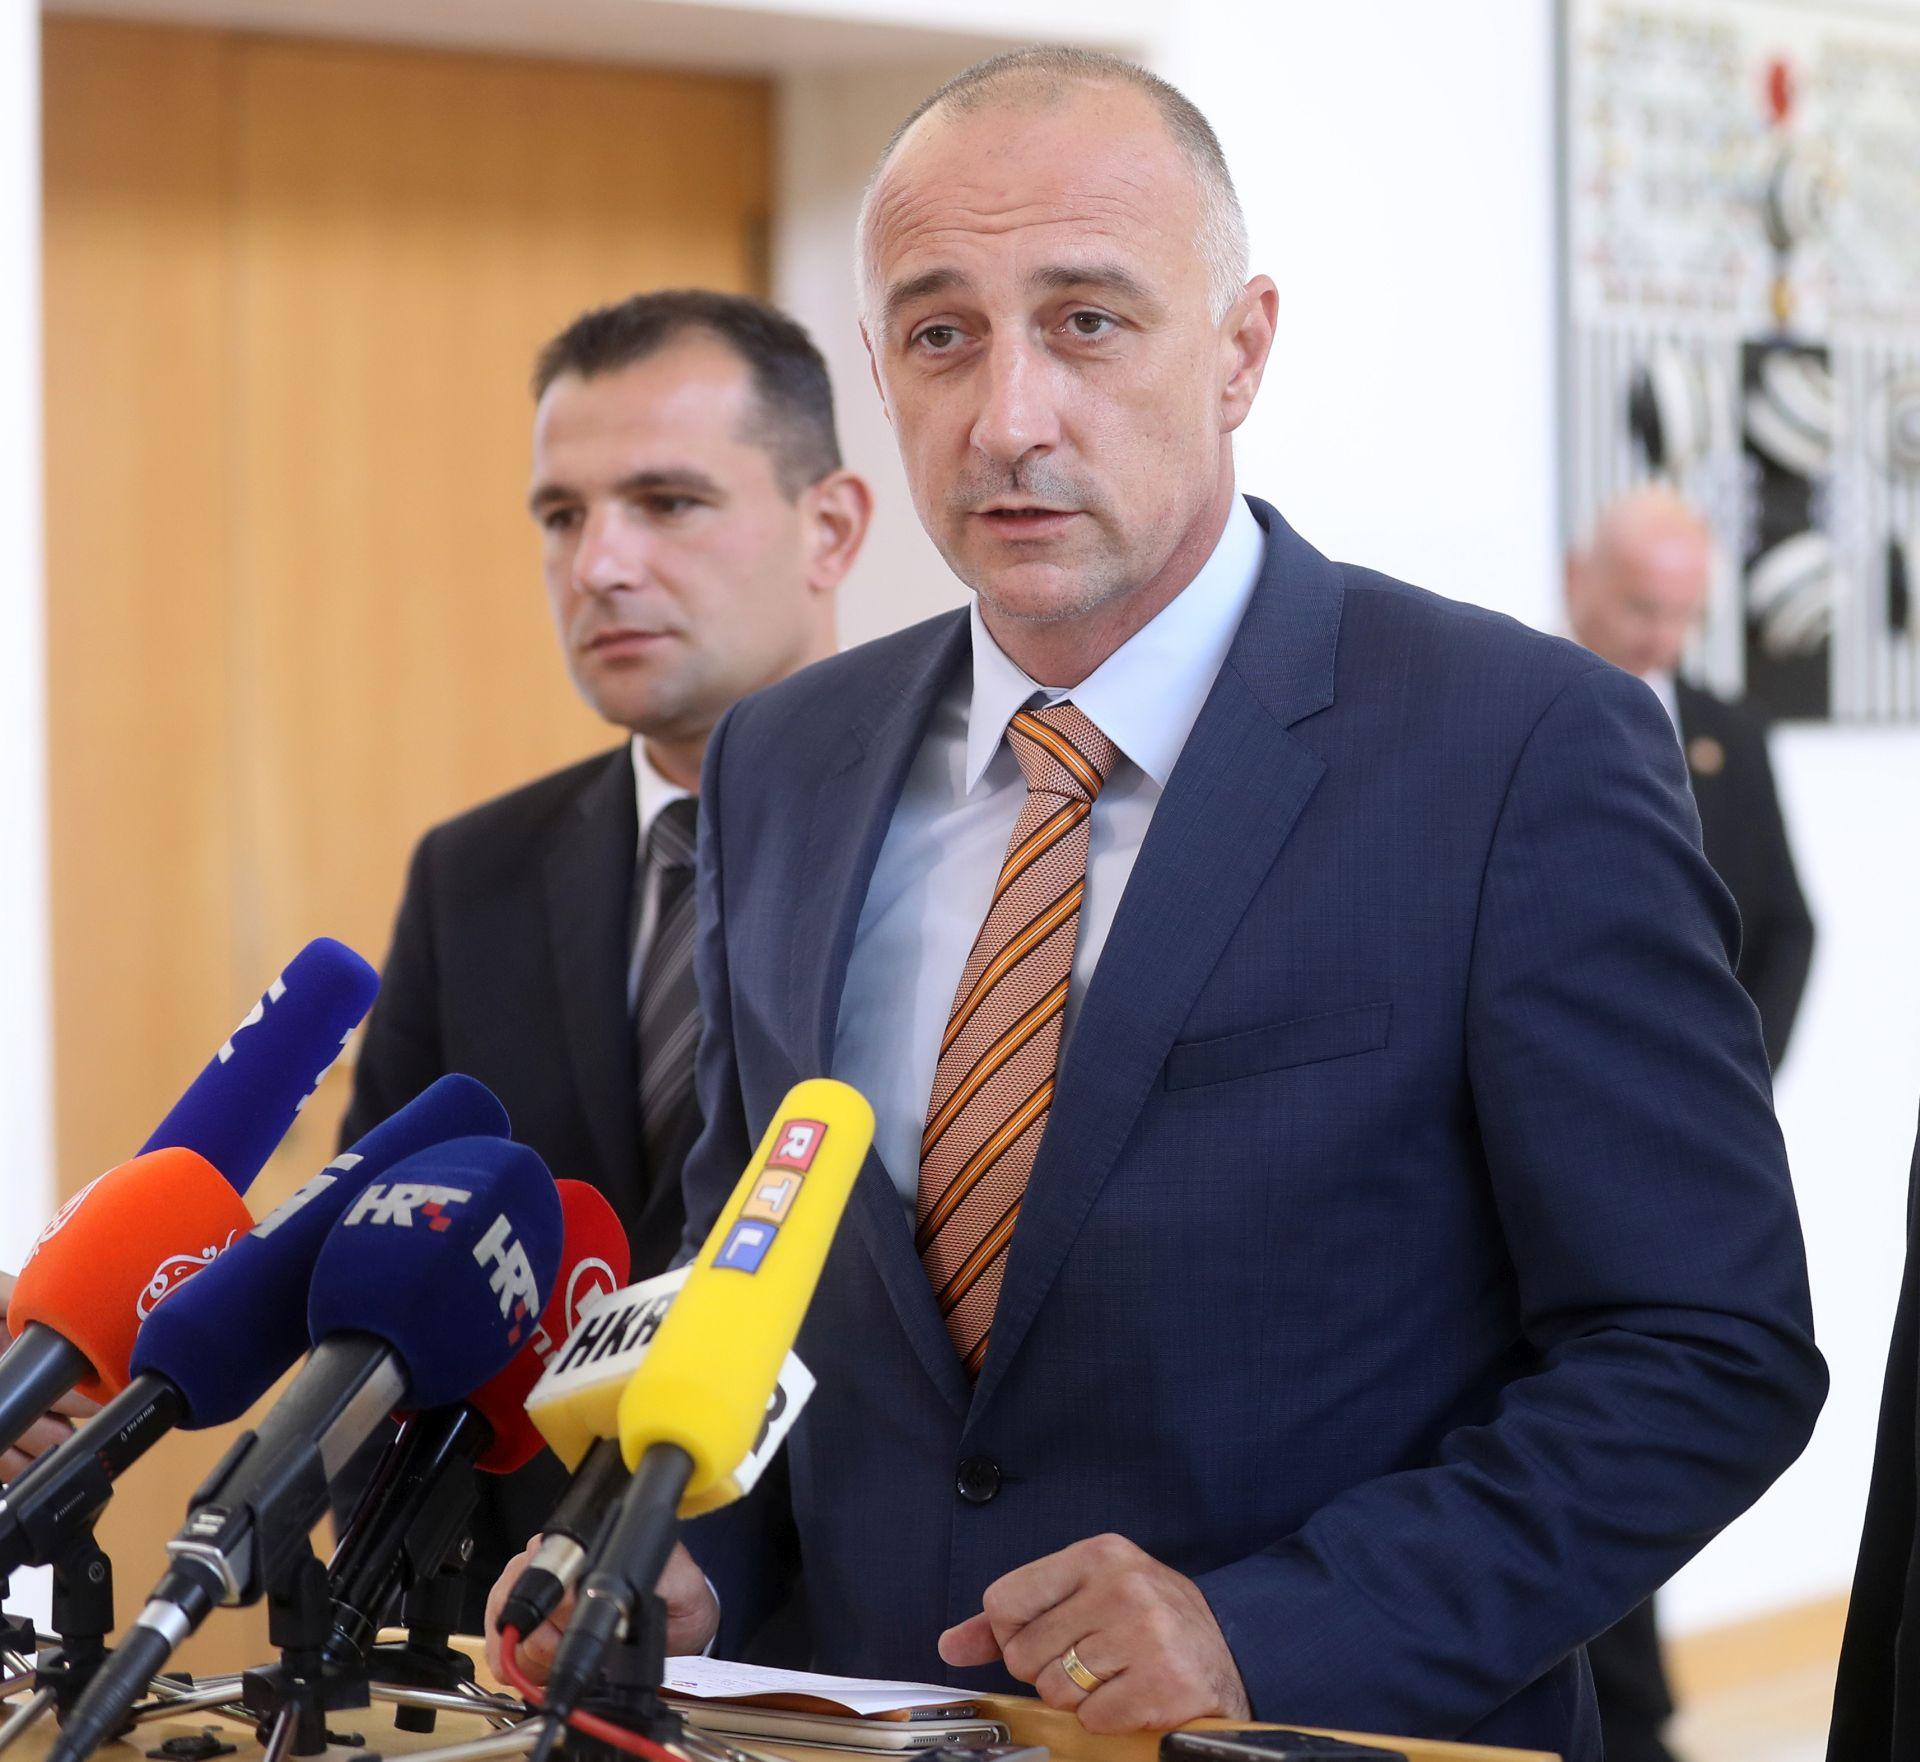 VRDOLJAK: Očekujemo da HDZ i Most sastave vladu i preuzmu odgovornost za zemlju